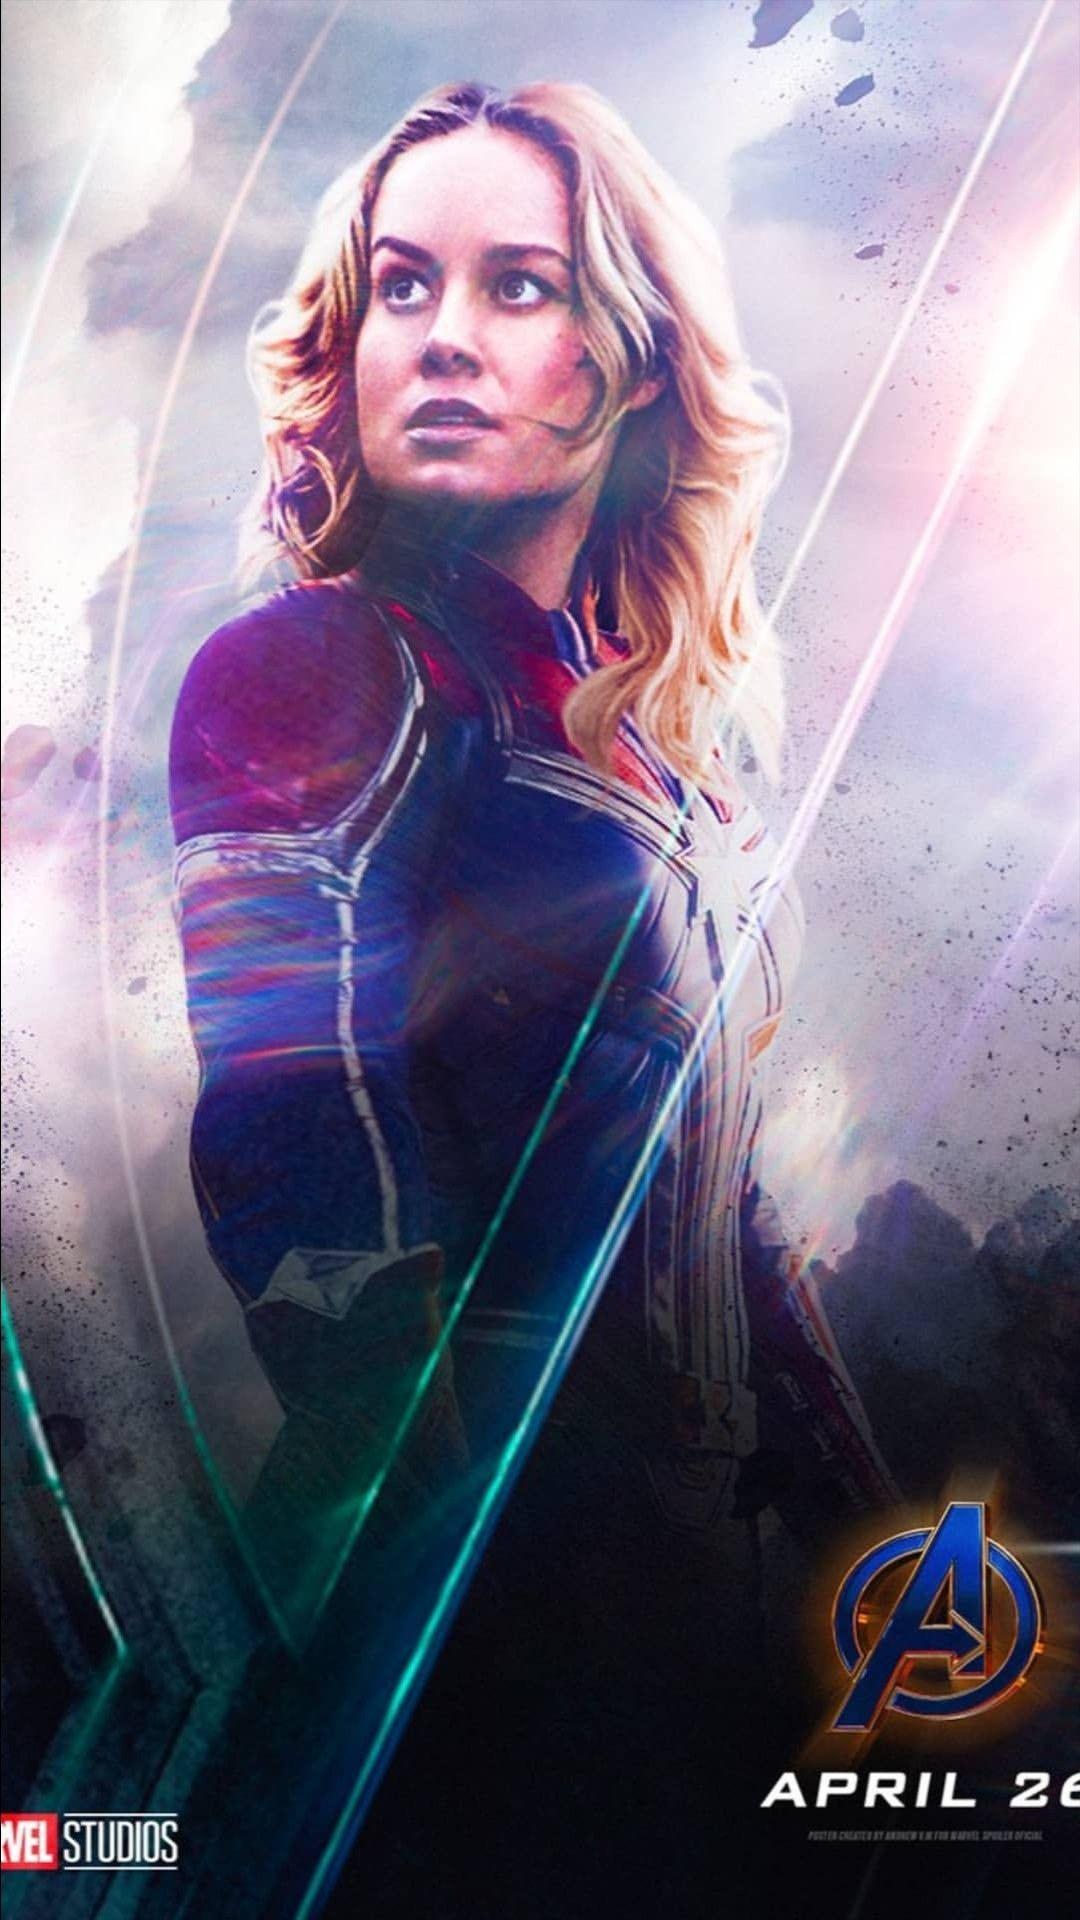 Avengers Endgame Captain Marvel Captain Marvel Avengers Pictures Marvel